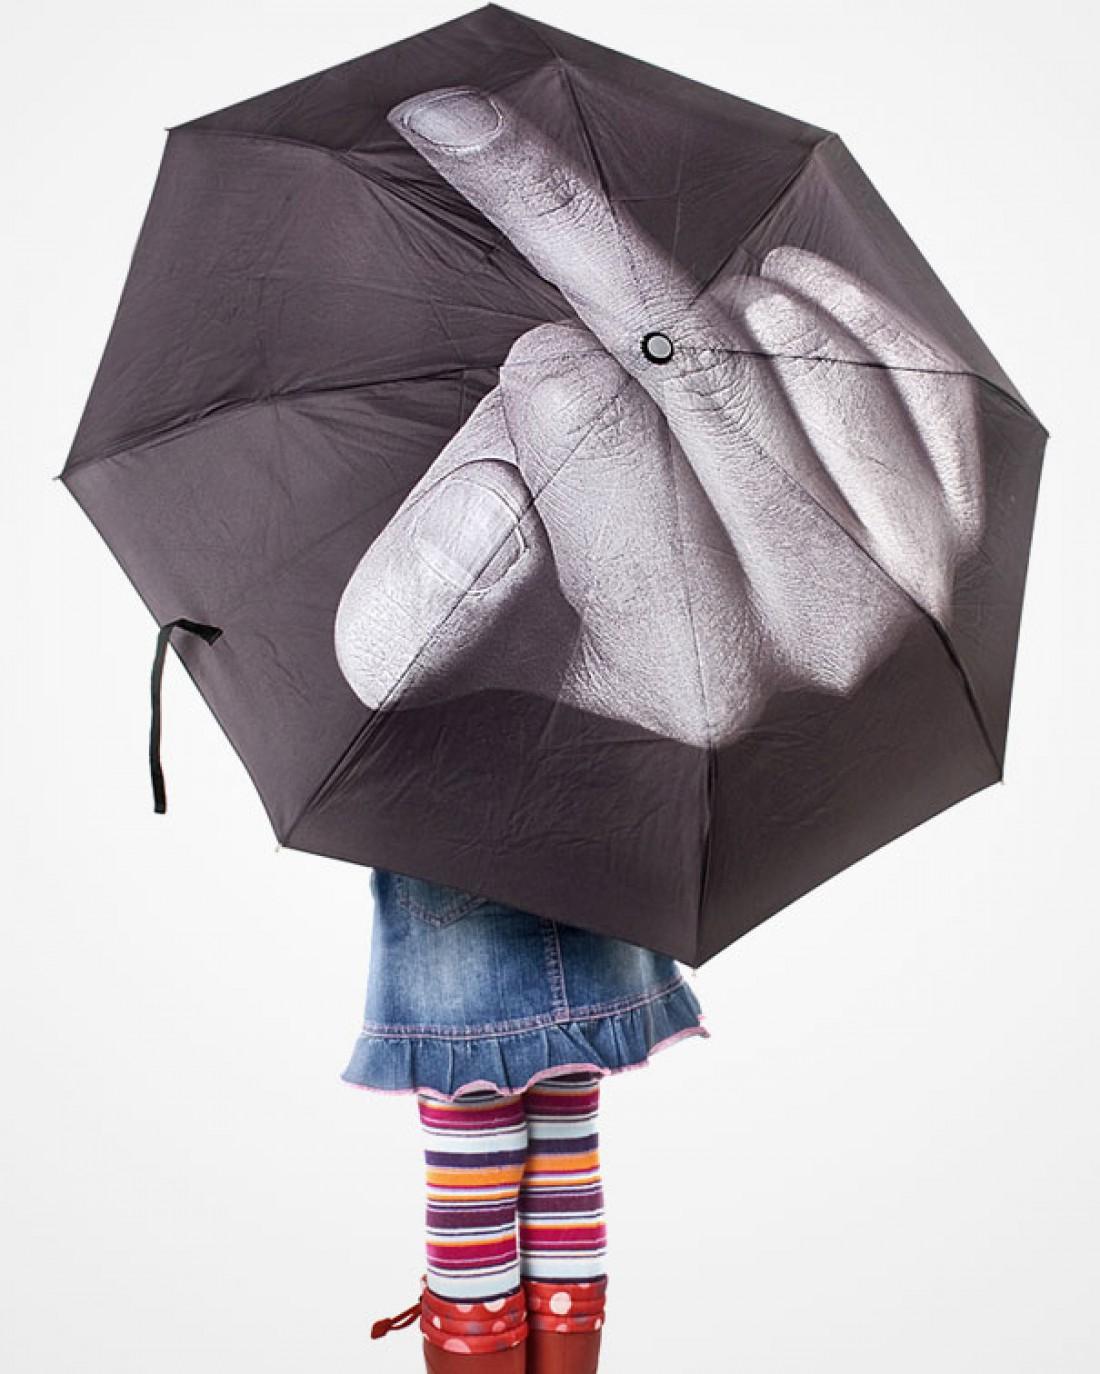 Зонт с намеком. Для дерзких мужчин или малолеток